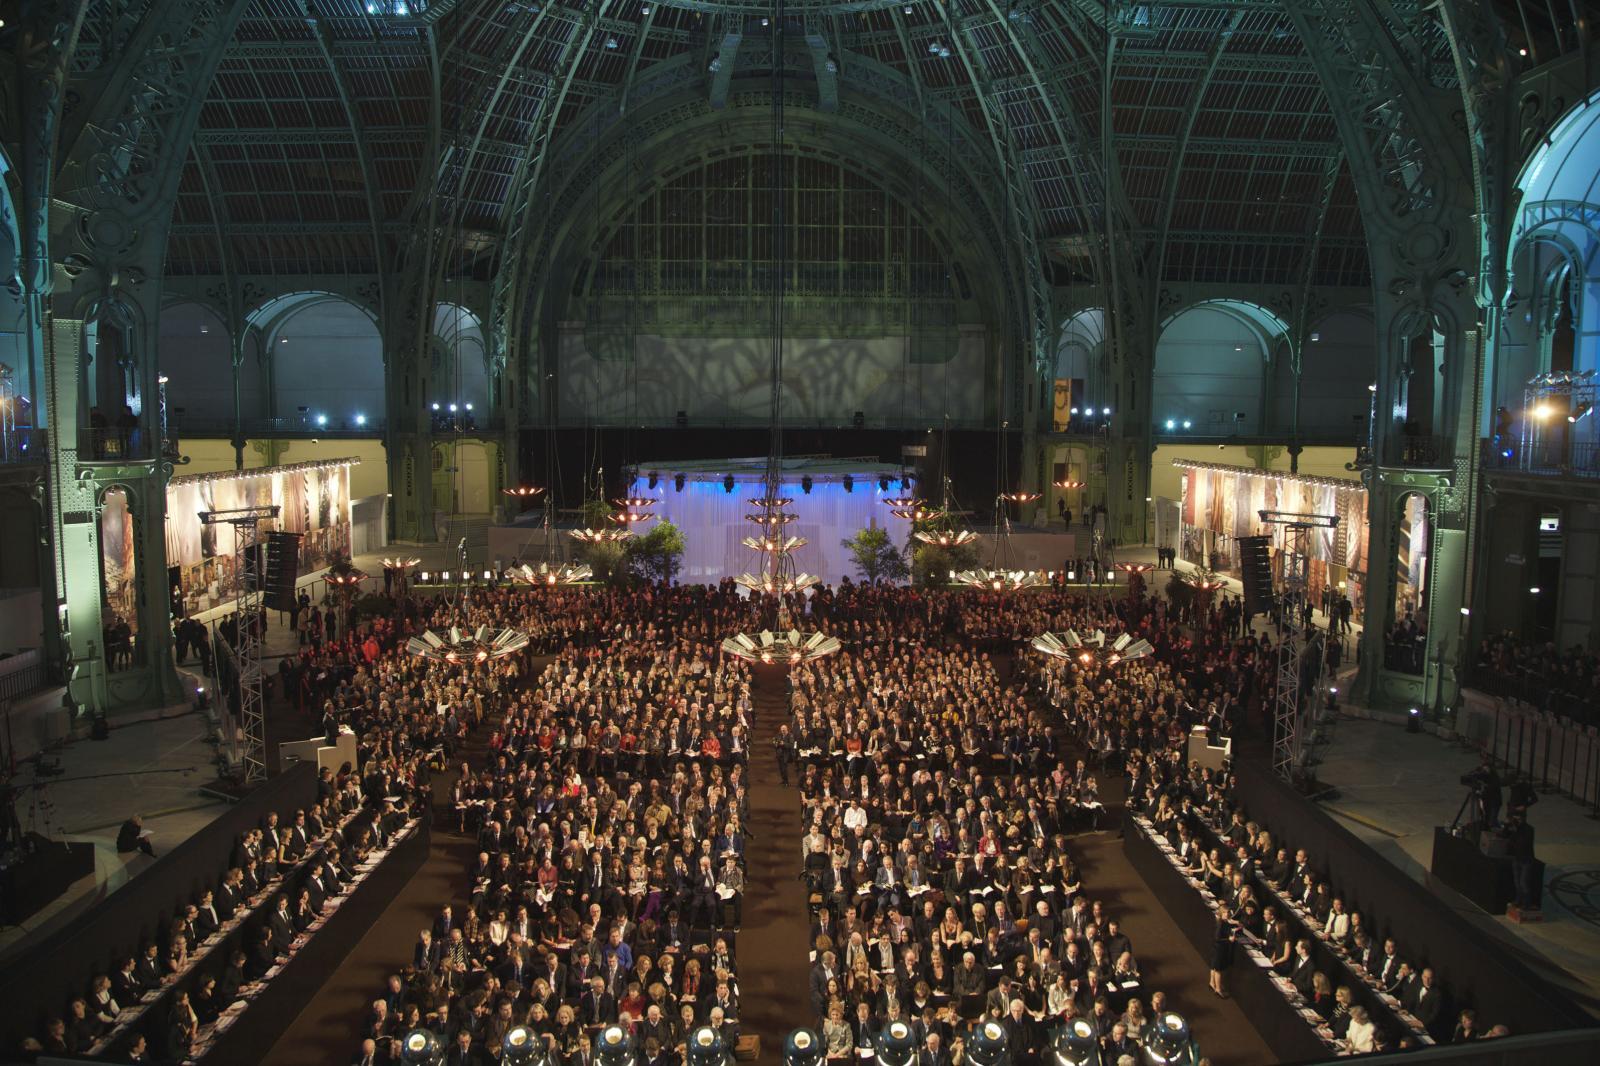 Vente Yves Saint Laurent - Pierre Bergé en 2009 au Grand Palais, Thomas Seydoux était alors chairman chez Christie's. © CHRISTIE'S IMAGES